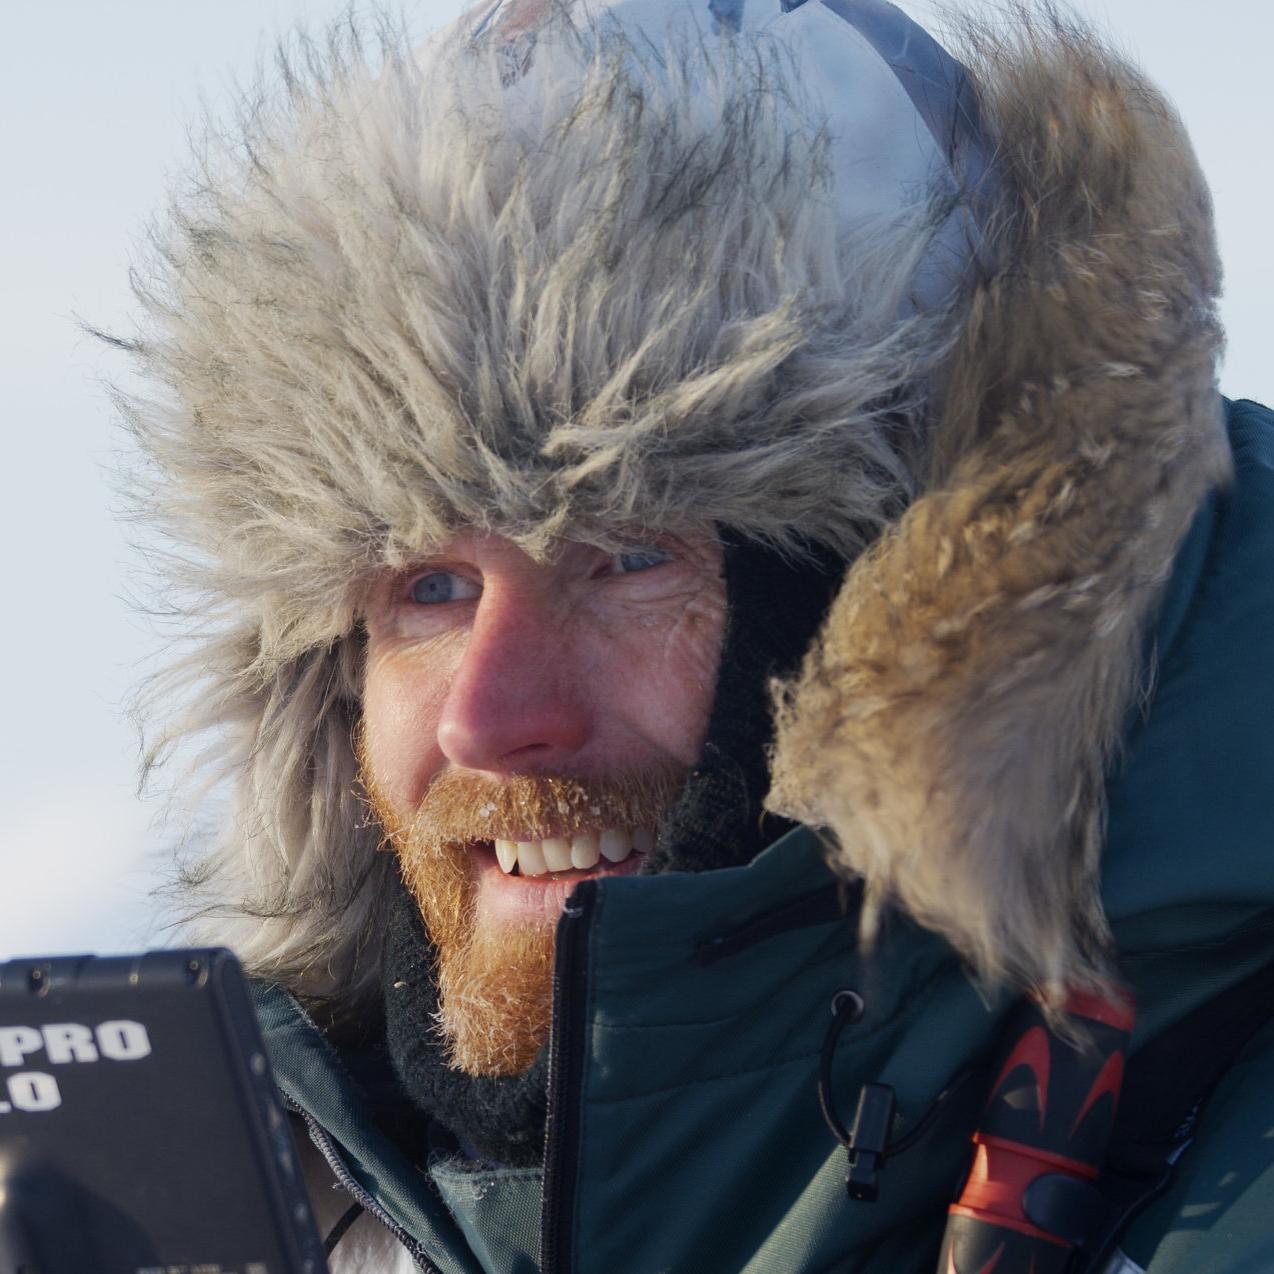 Asgeir Helgestad, naturfotograf : Isbjørnbinna Frost og ungene sliter i en varmere verden. Hvorfor?